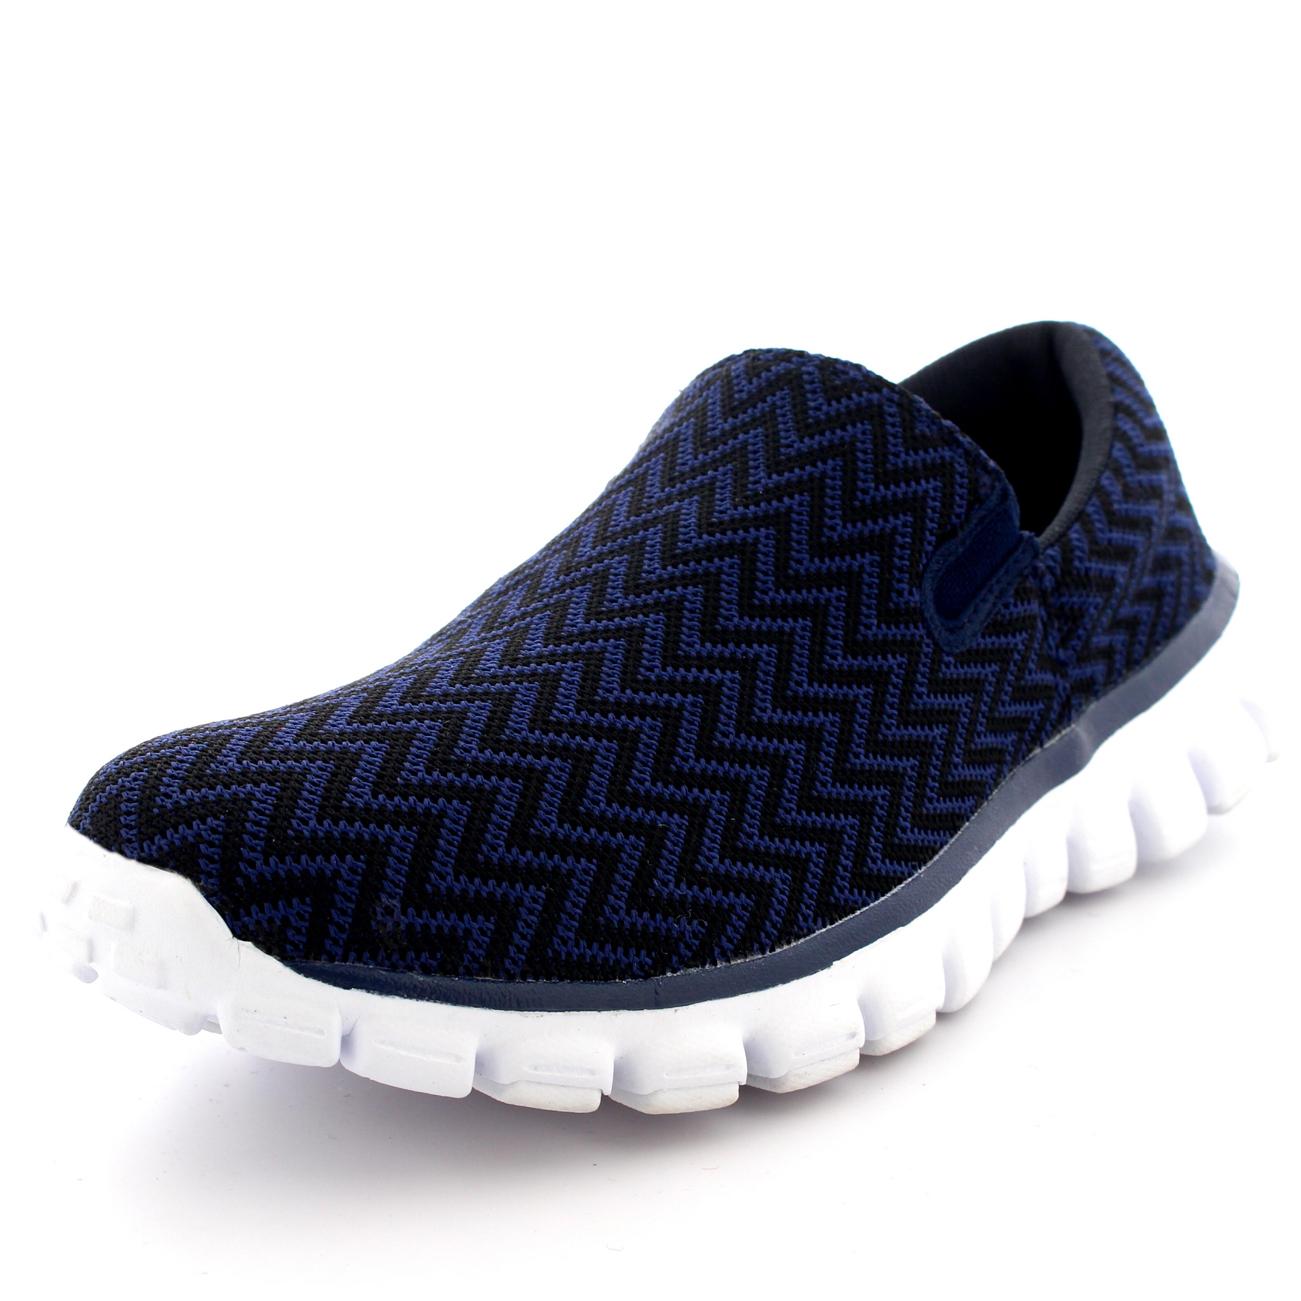 Nike Walking Shoes Us